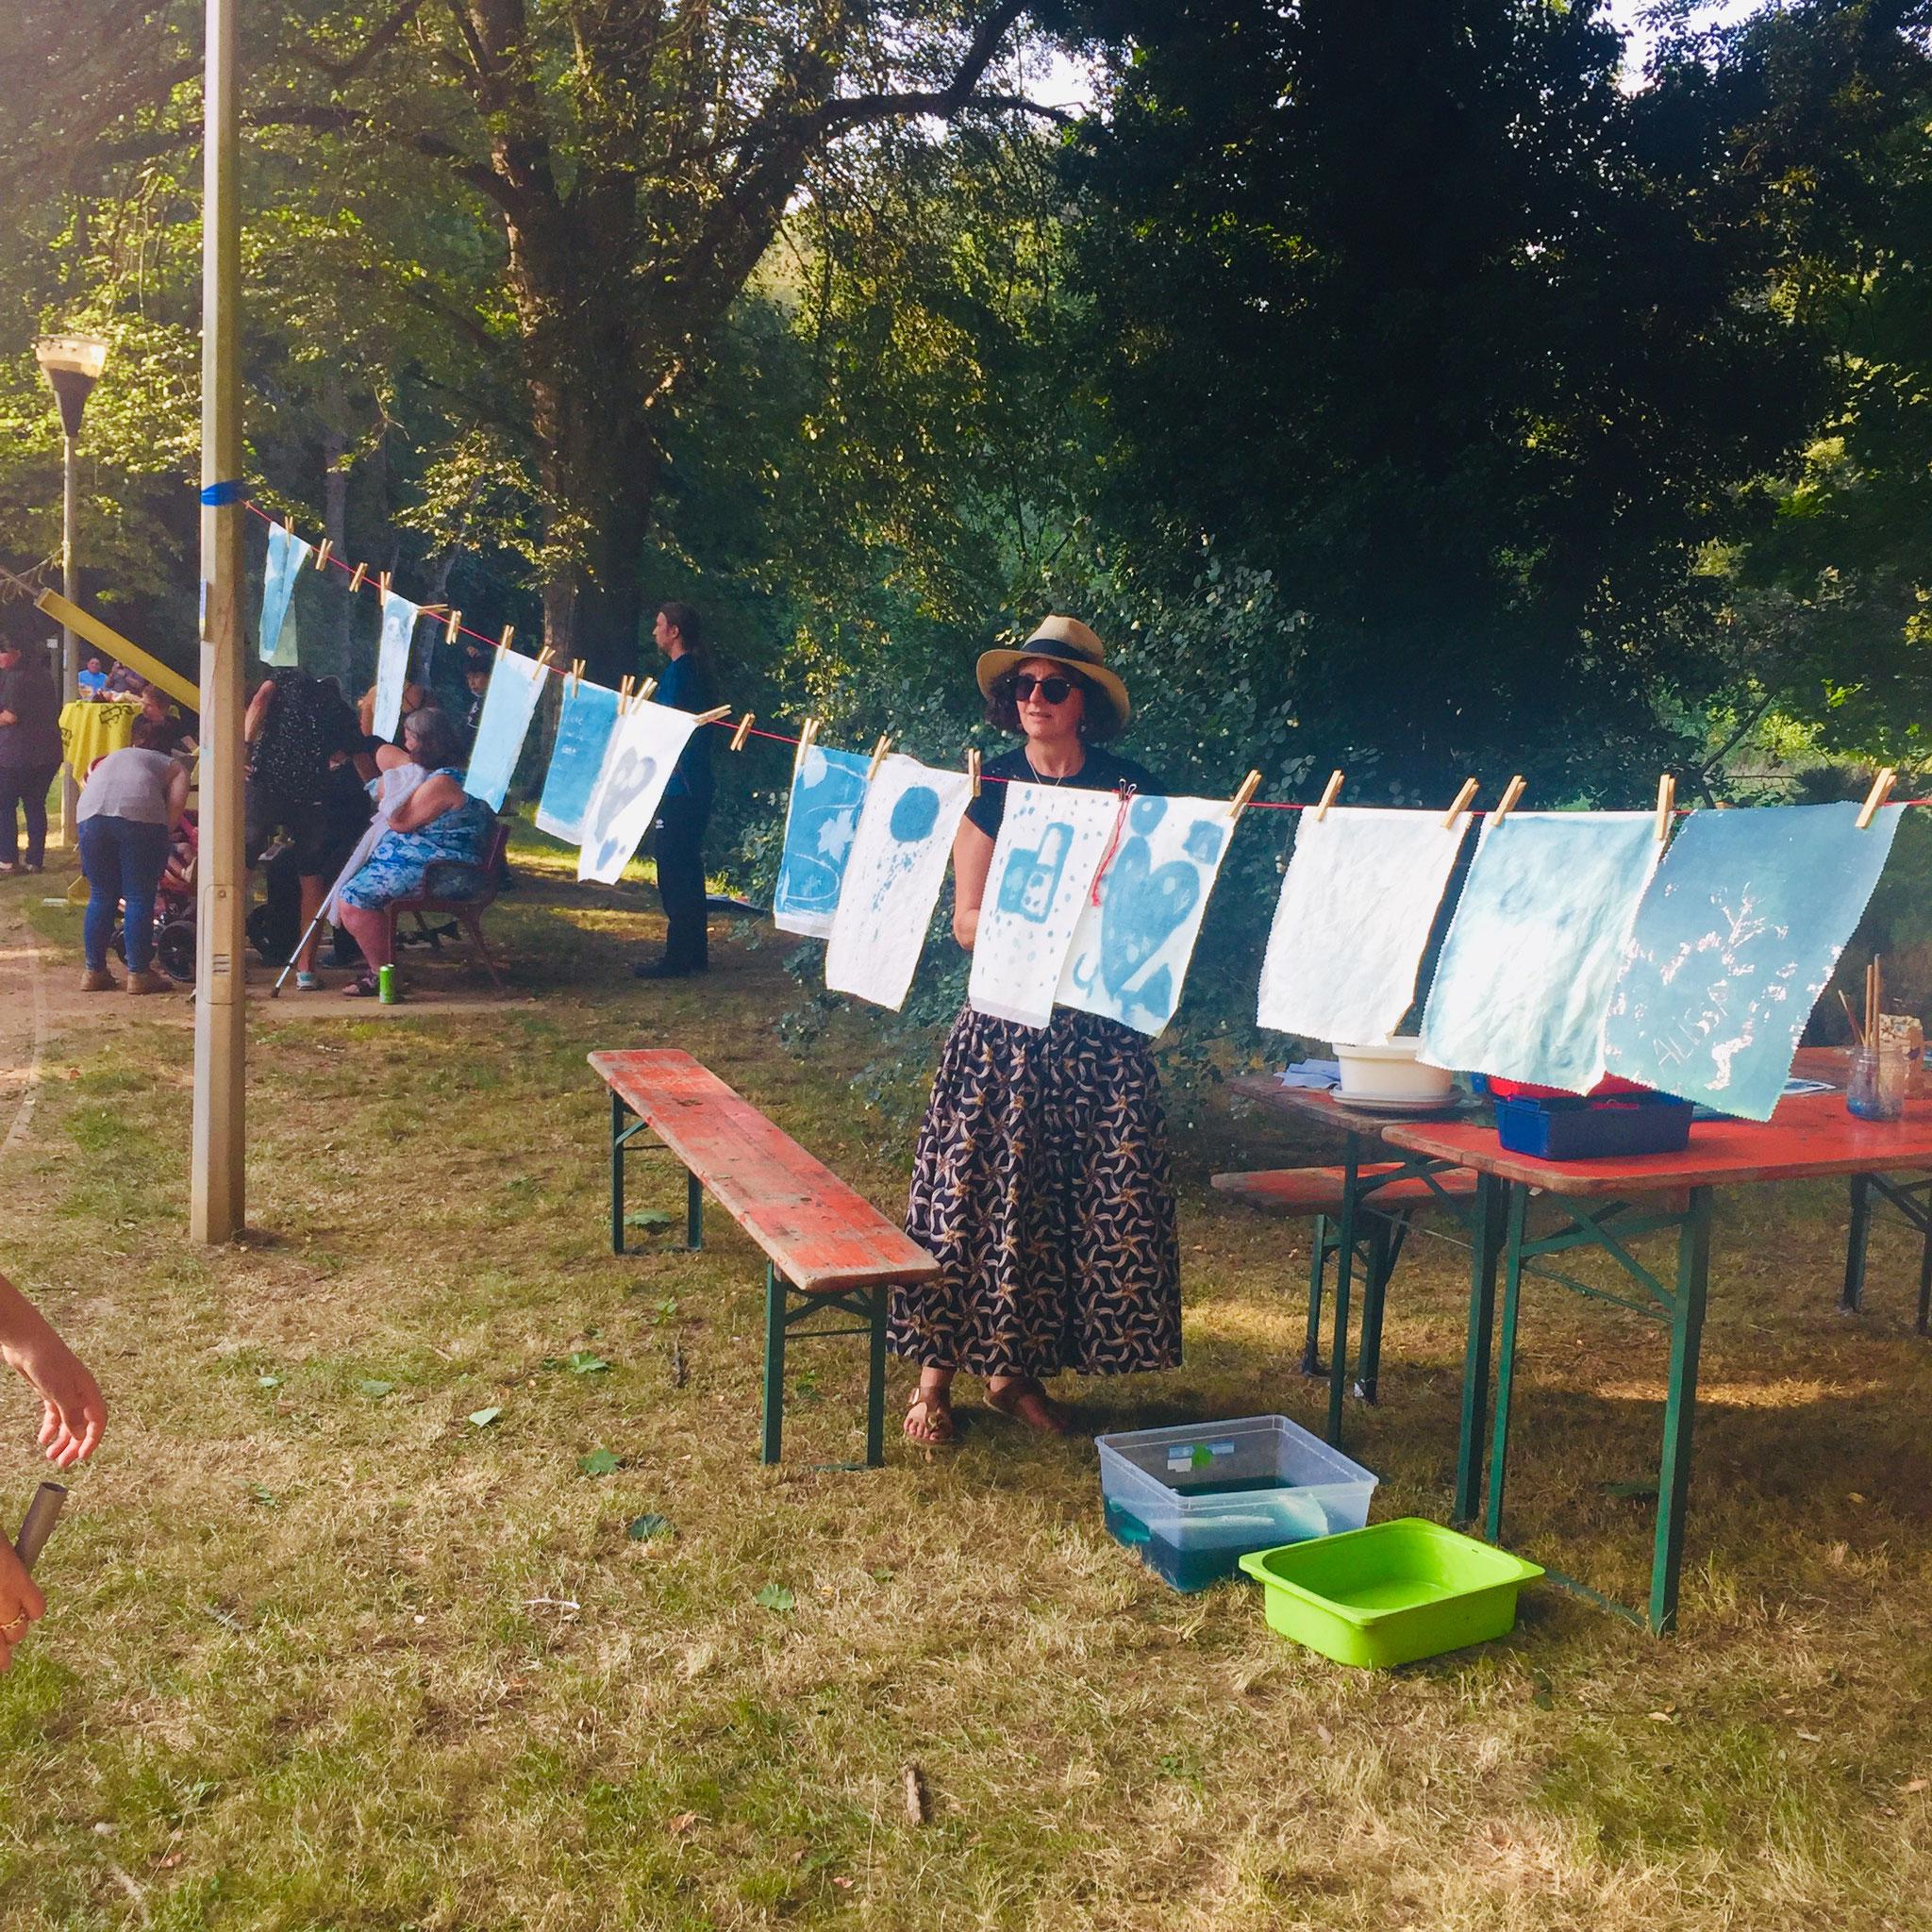 Fanions réalisés au cyanotype lors de Parc en fête avec les Ateliers de l'escargot.